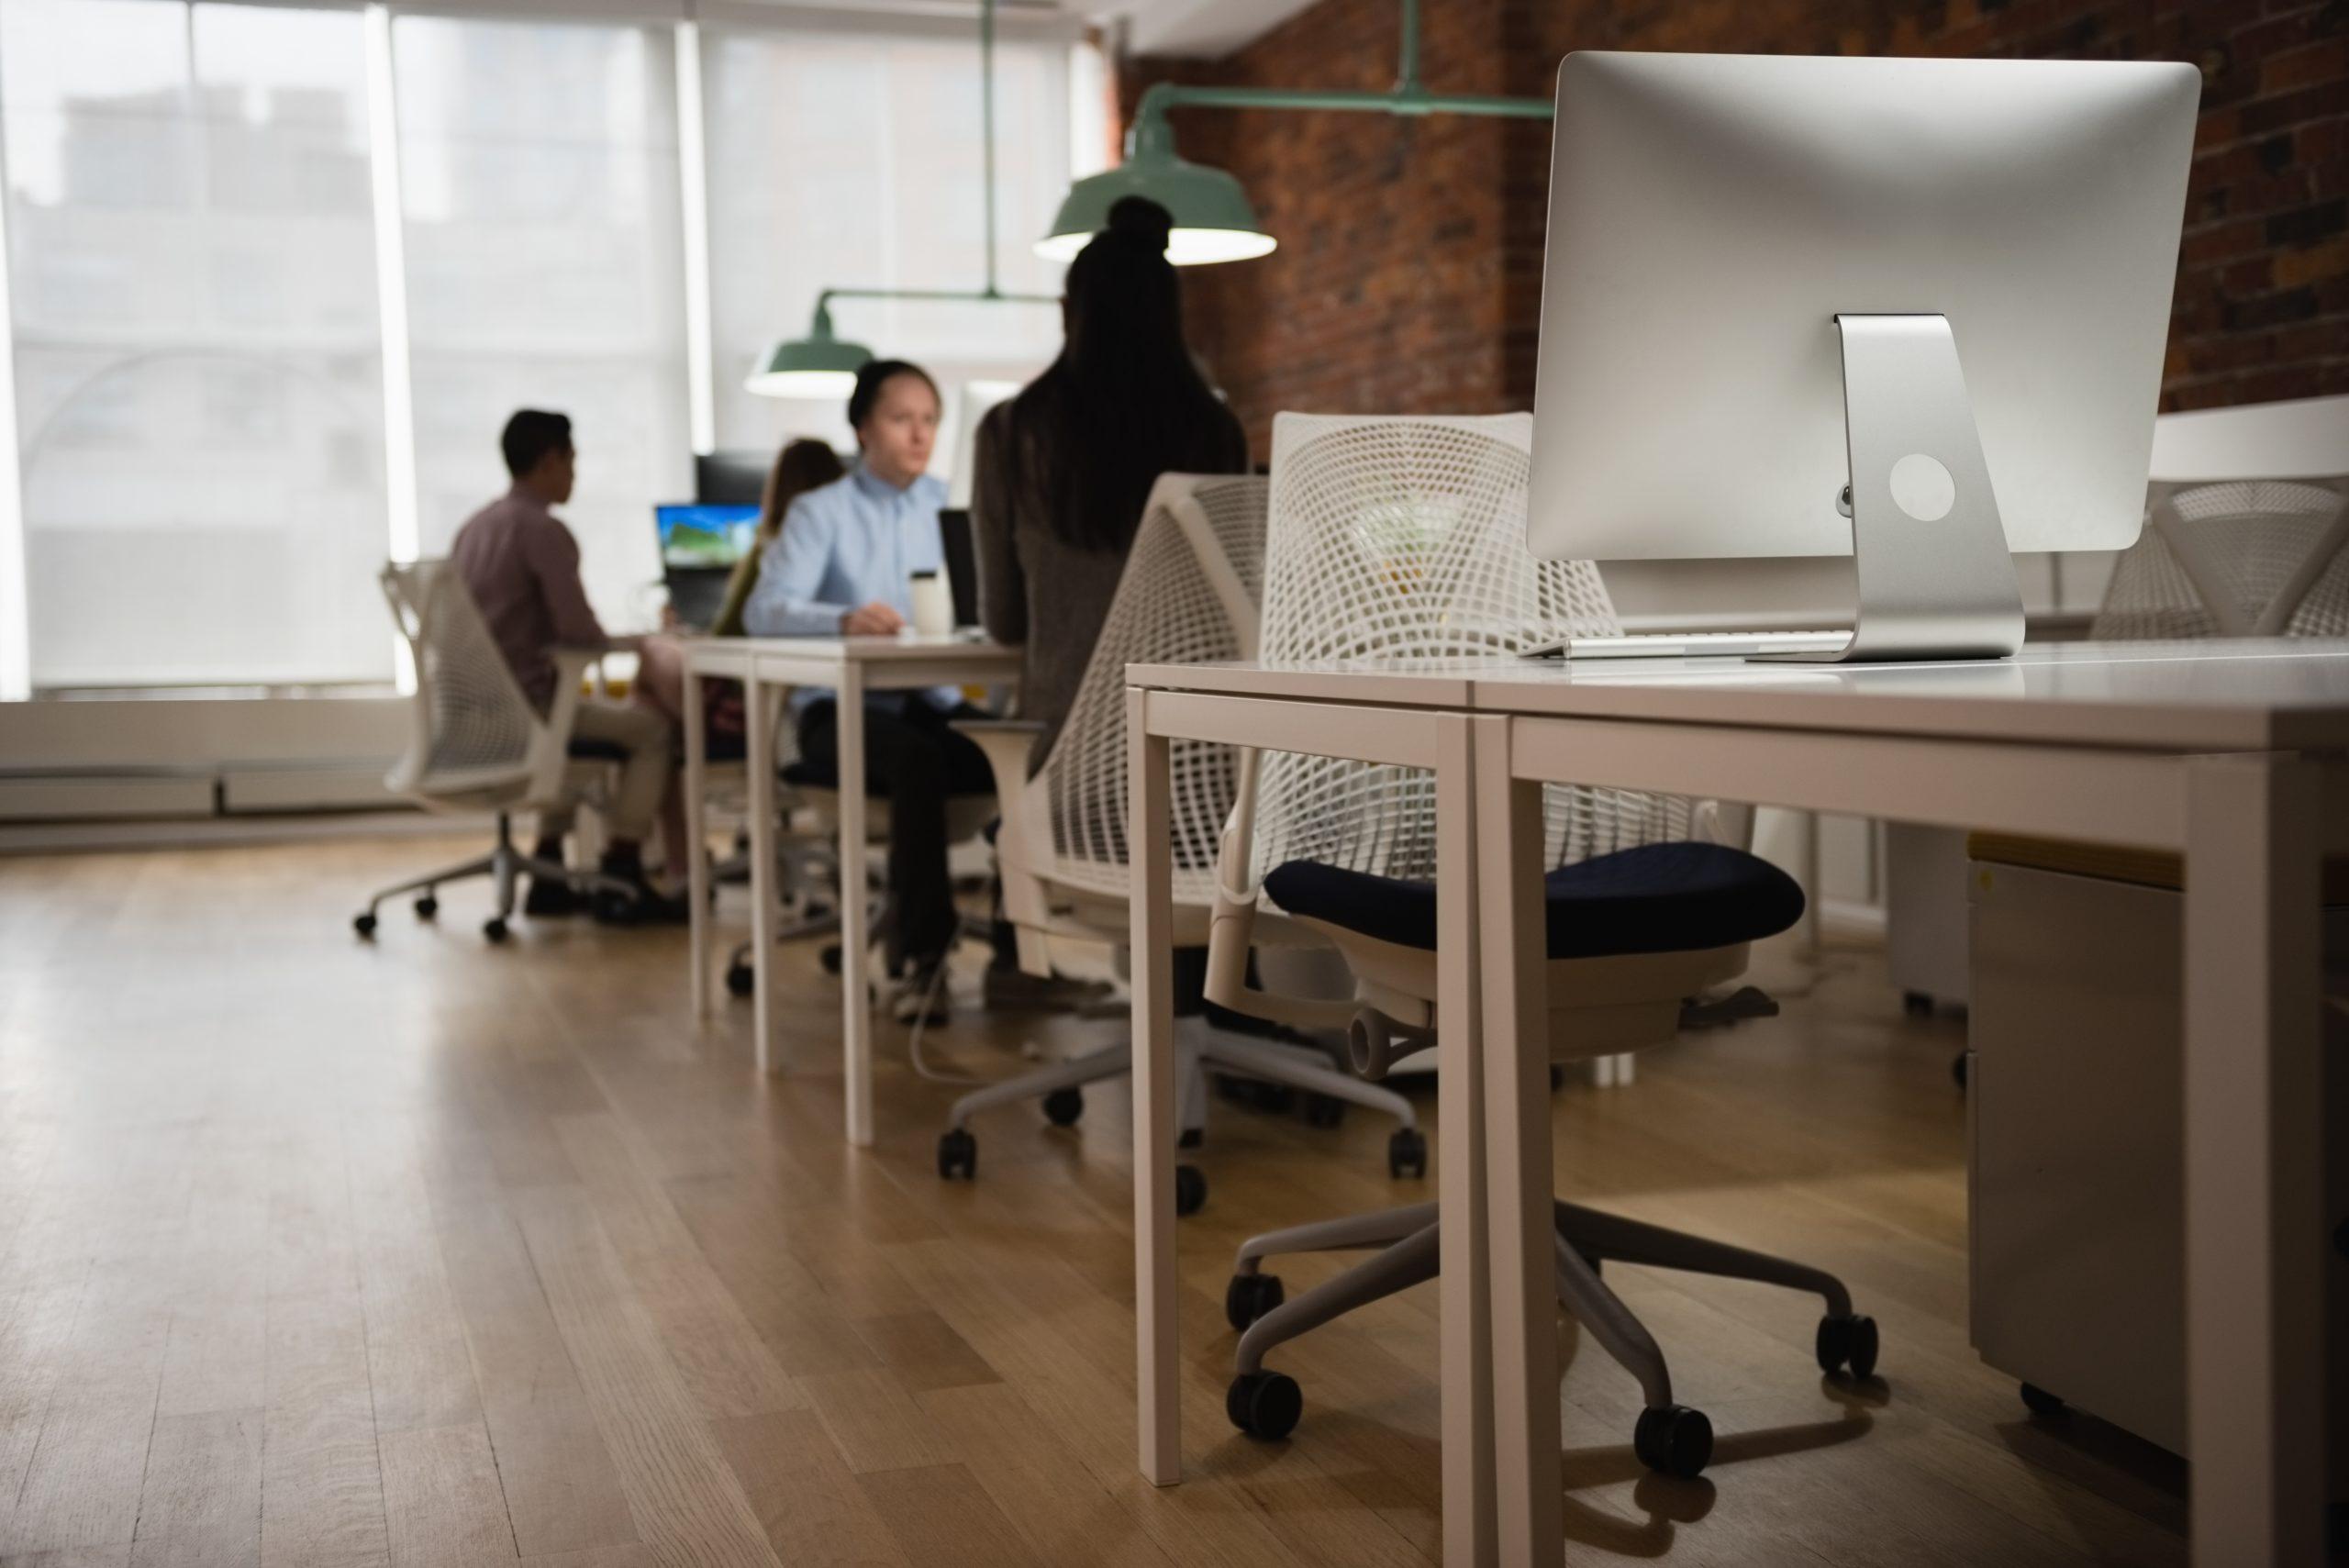 Arbeidsdeskundig onderzoek - werkplek